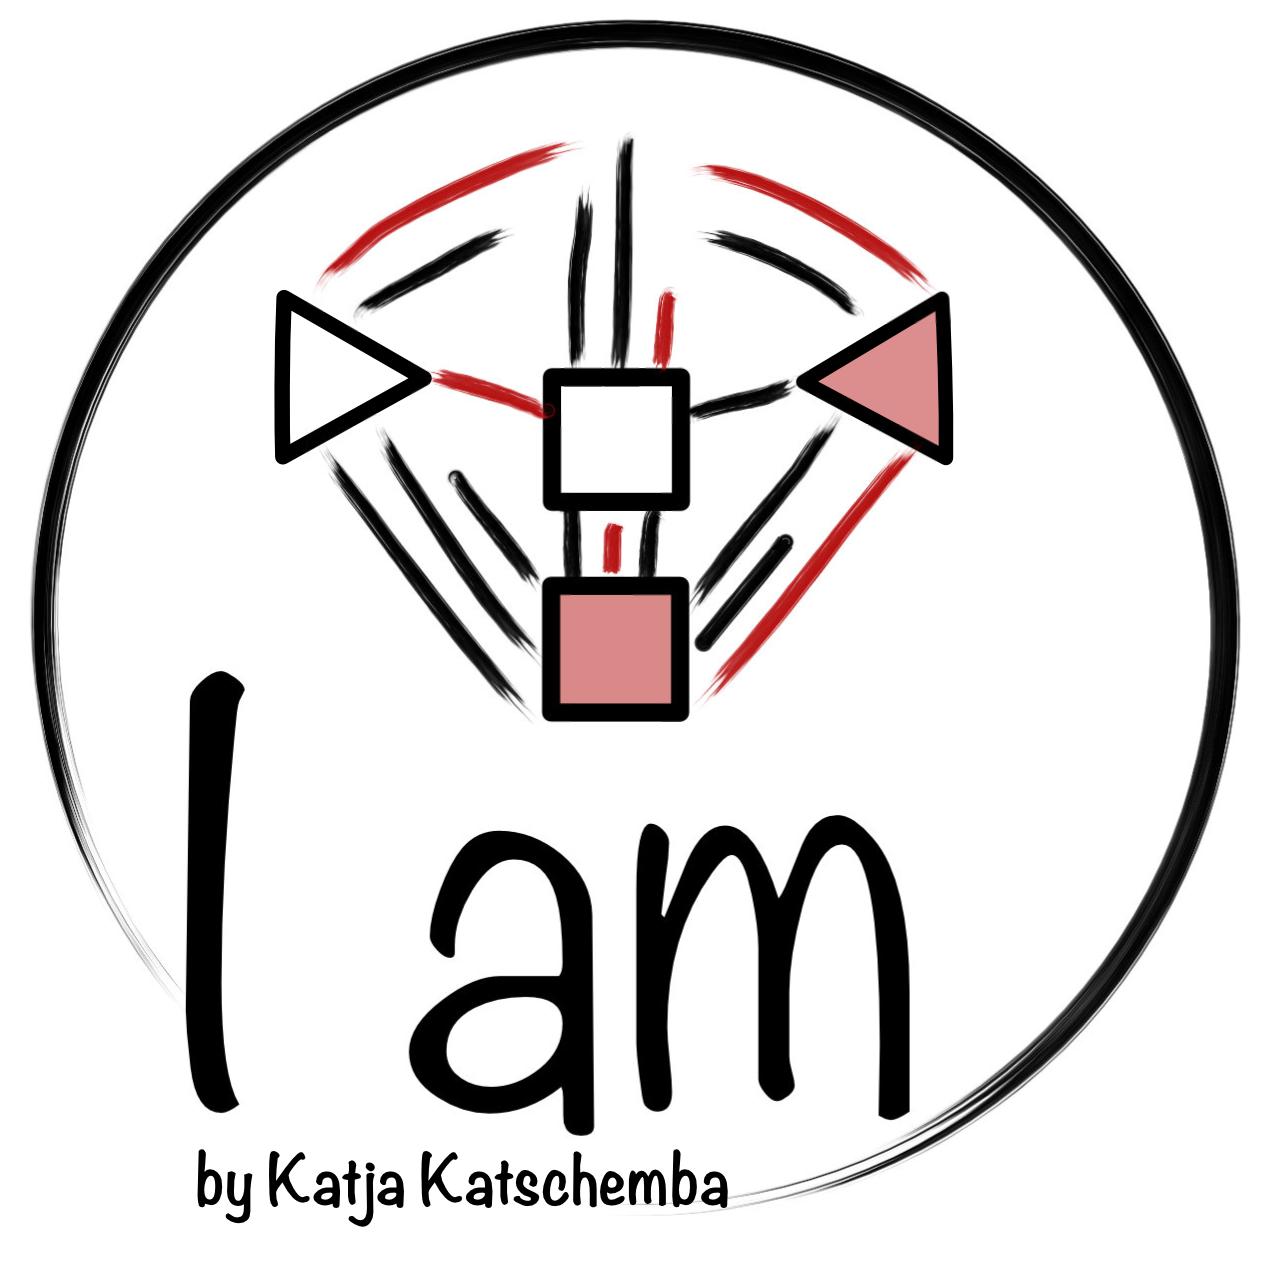 Katja Katschemba